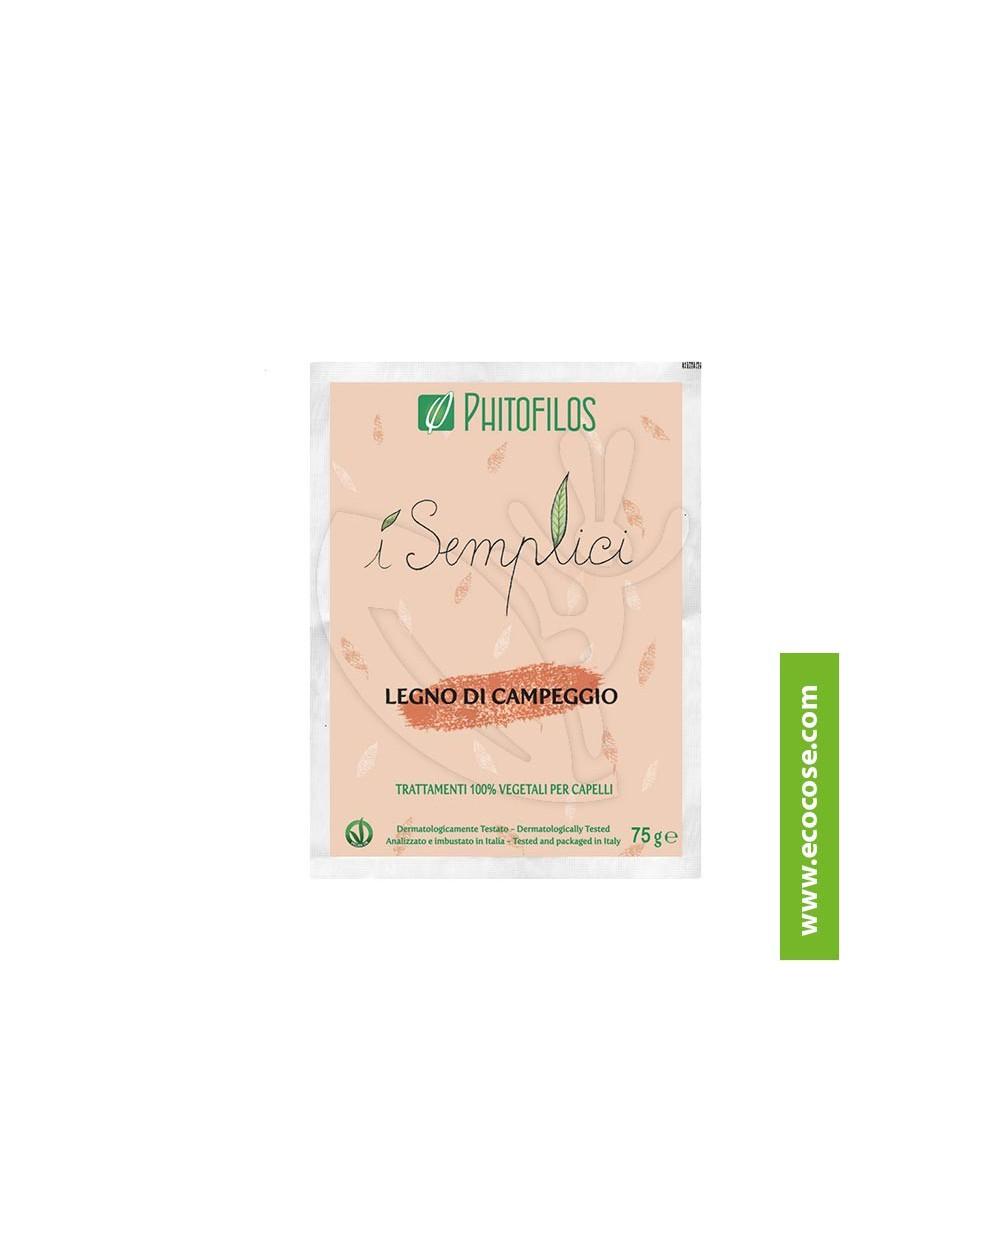 Phitofilos - I semplici - Legno di Campeggio